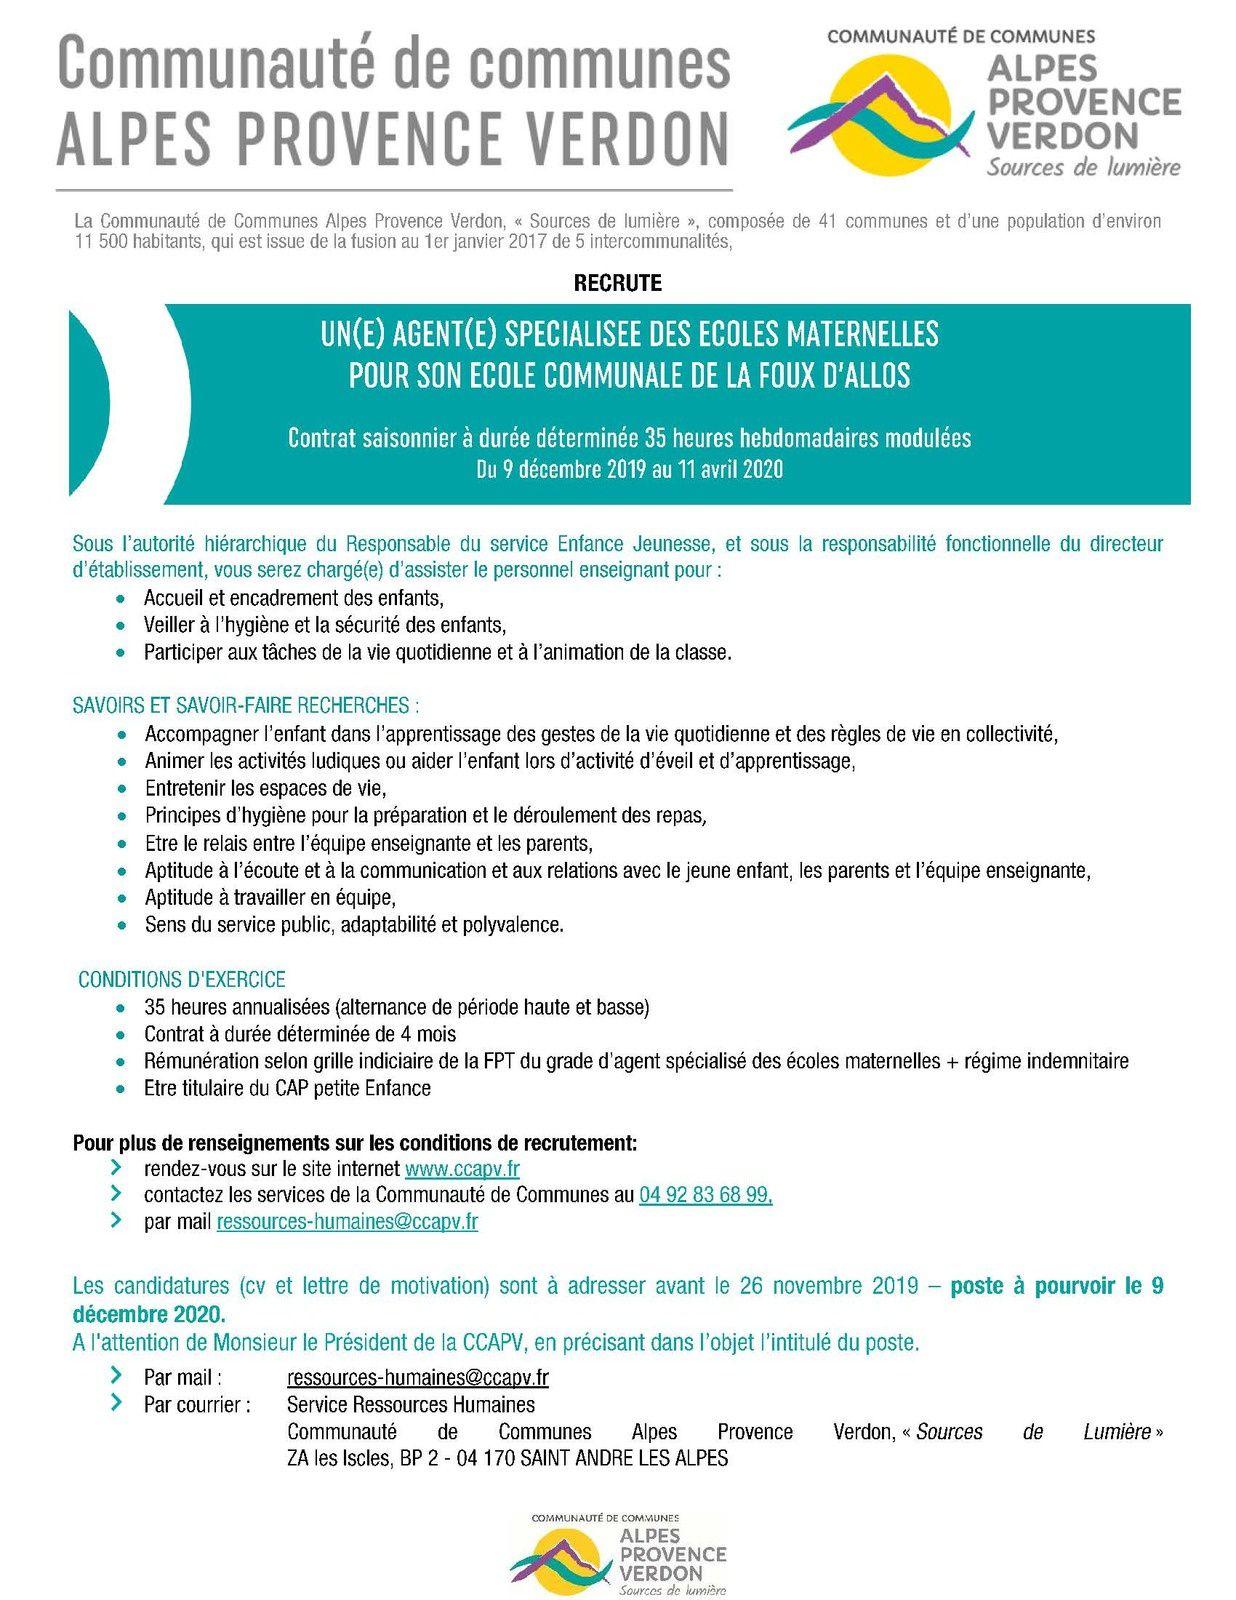 Offre Emploi Atsem Sur L école De La Foux D Allos Pour Un